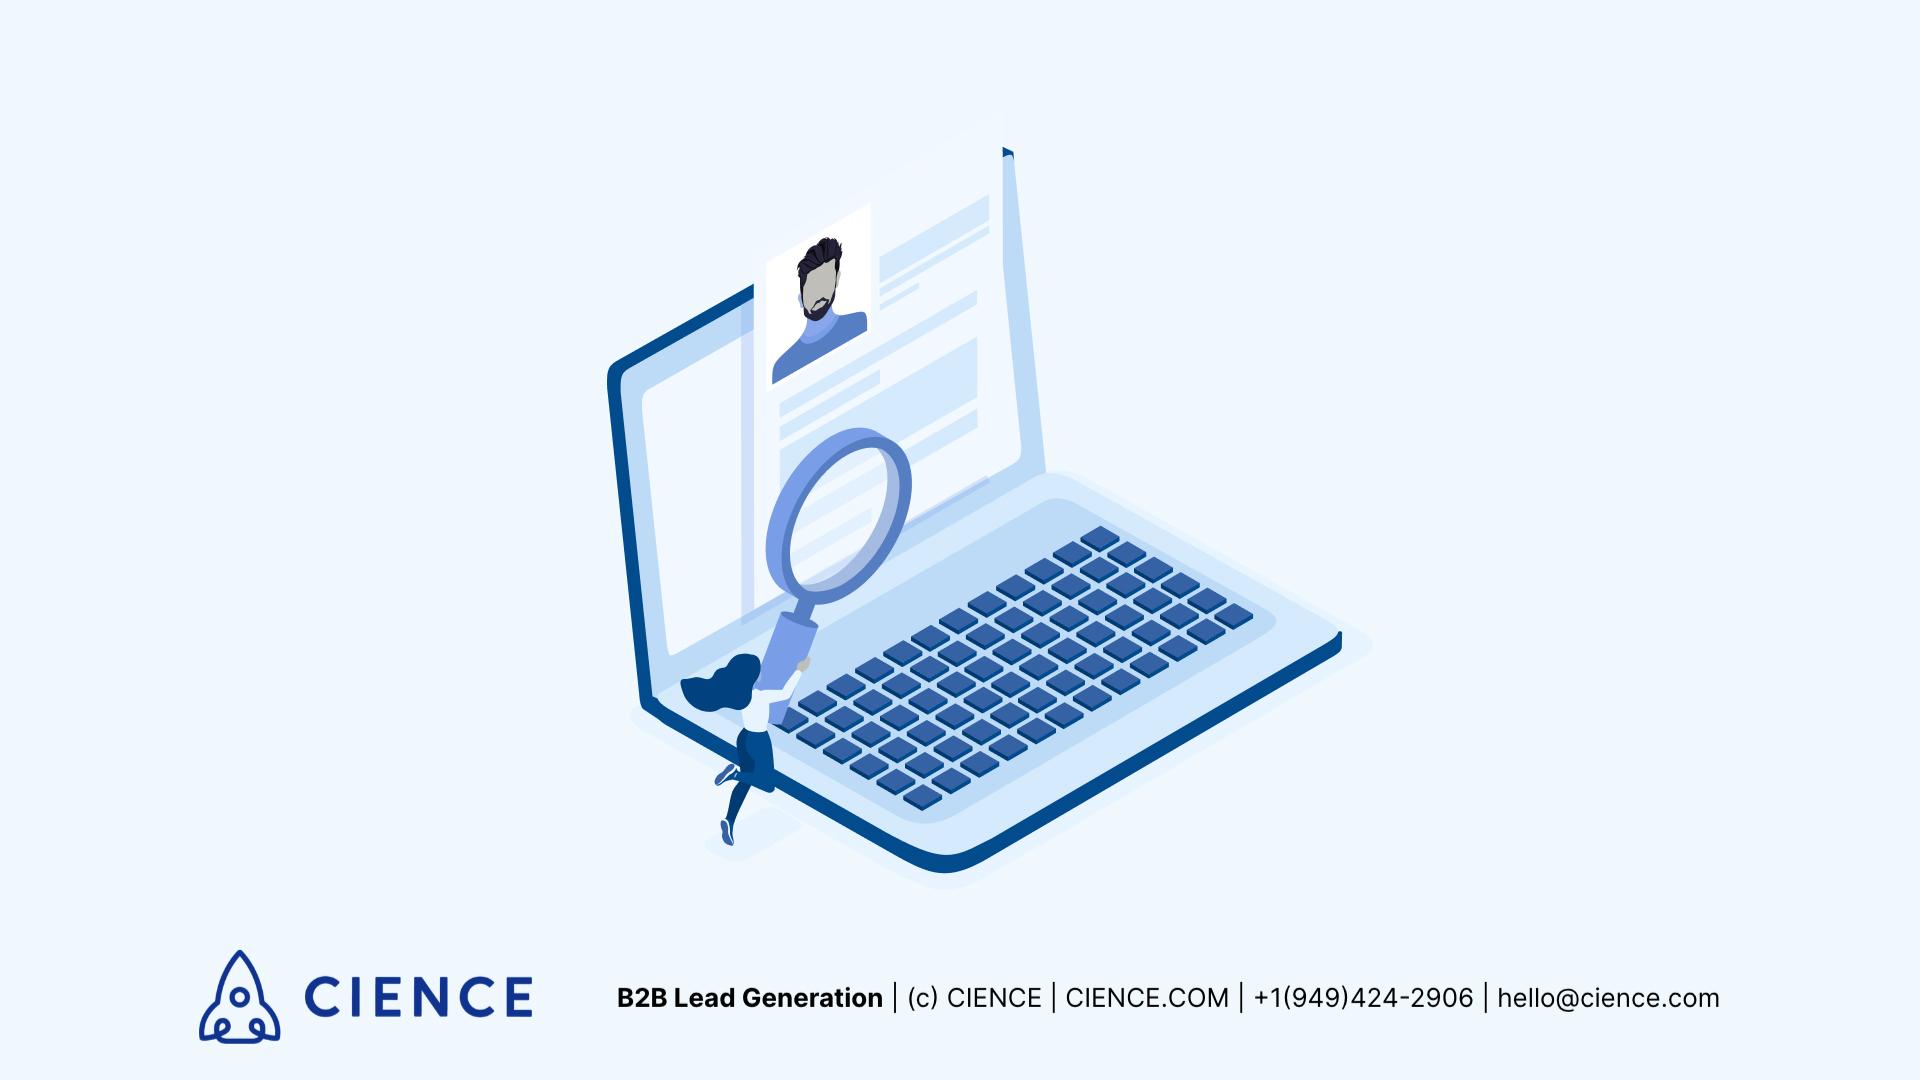 lead-gen-challenges-image-1